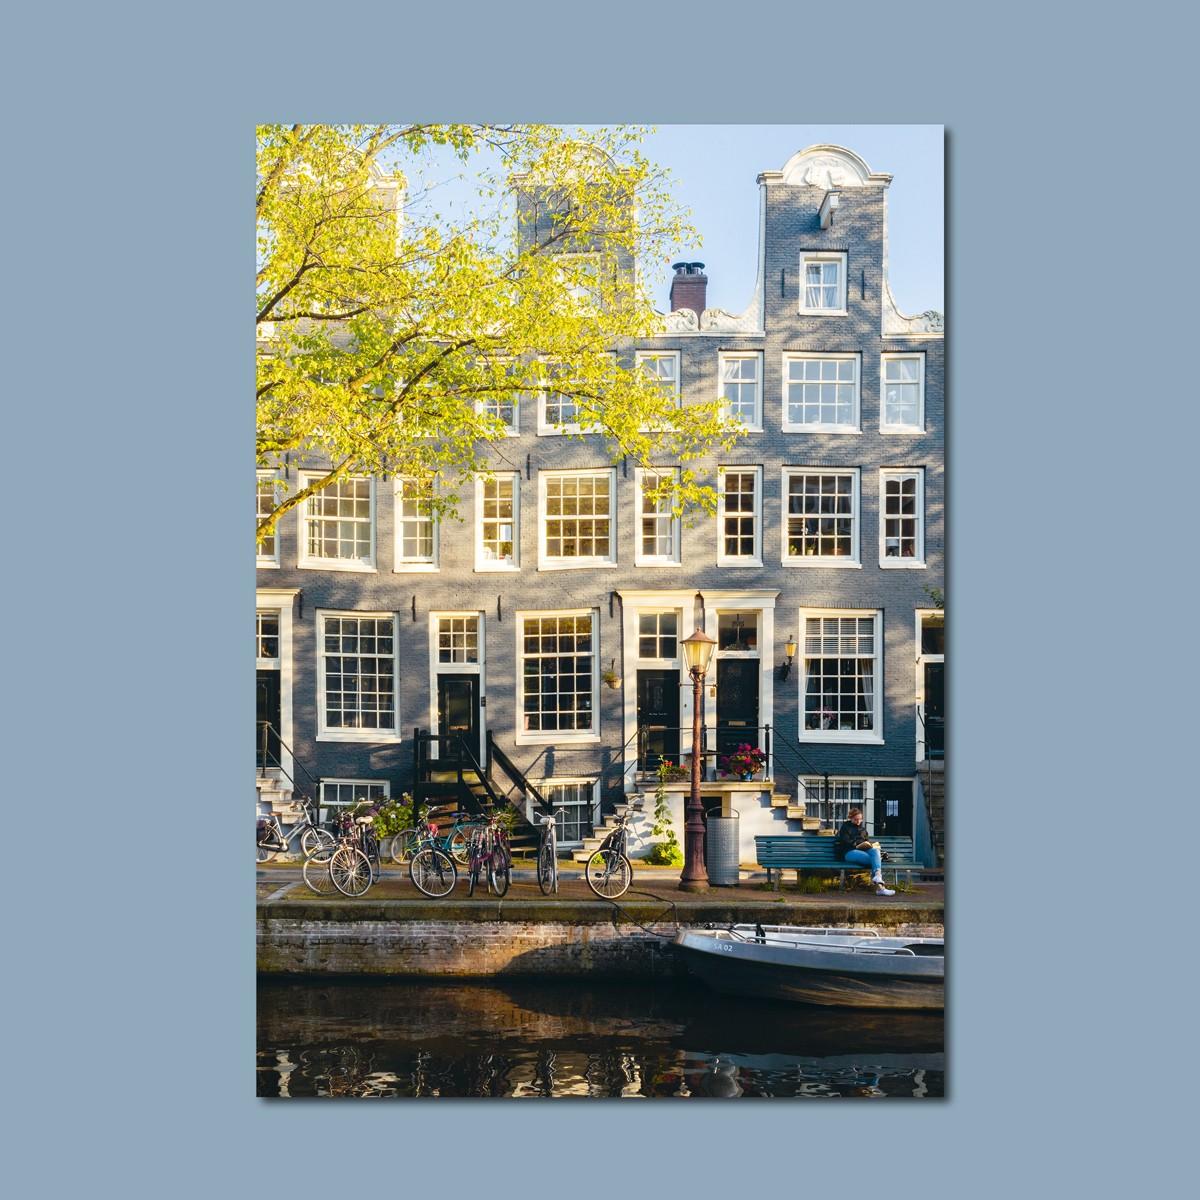 'Gracht Amsterdam' limitierter Fotodruck auf Naturpapier, DIN A2, klimaneutral gedruckt  / Ankerwechsel Verlag